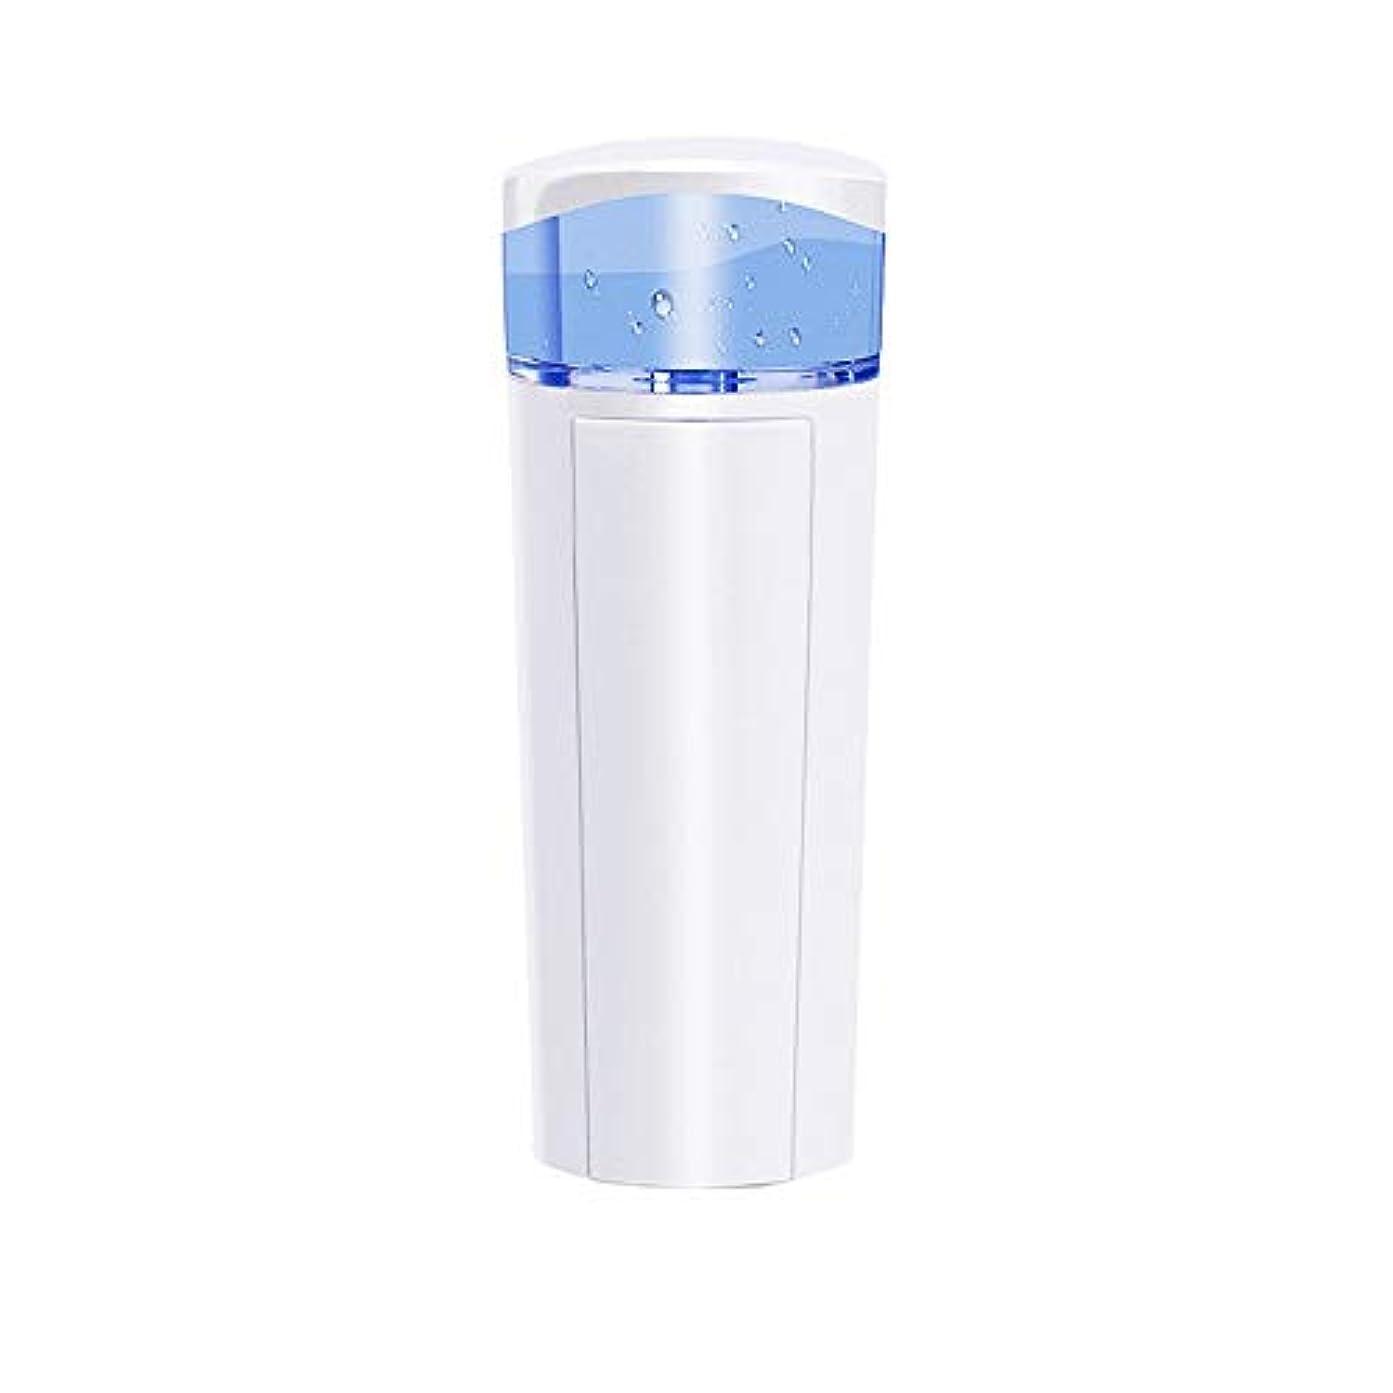 喜劇精巧な願うZXF 充電宝物機能付き新しいナノ水道メータースプレー美容機器ABS素材ホワイト 滑らかである